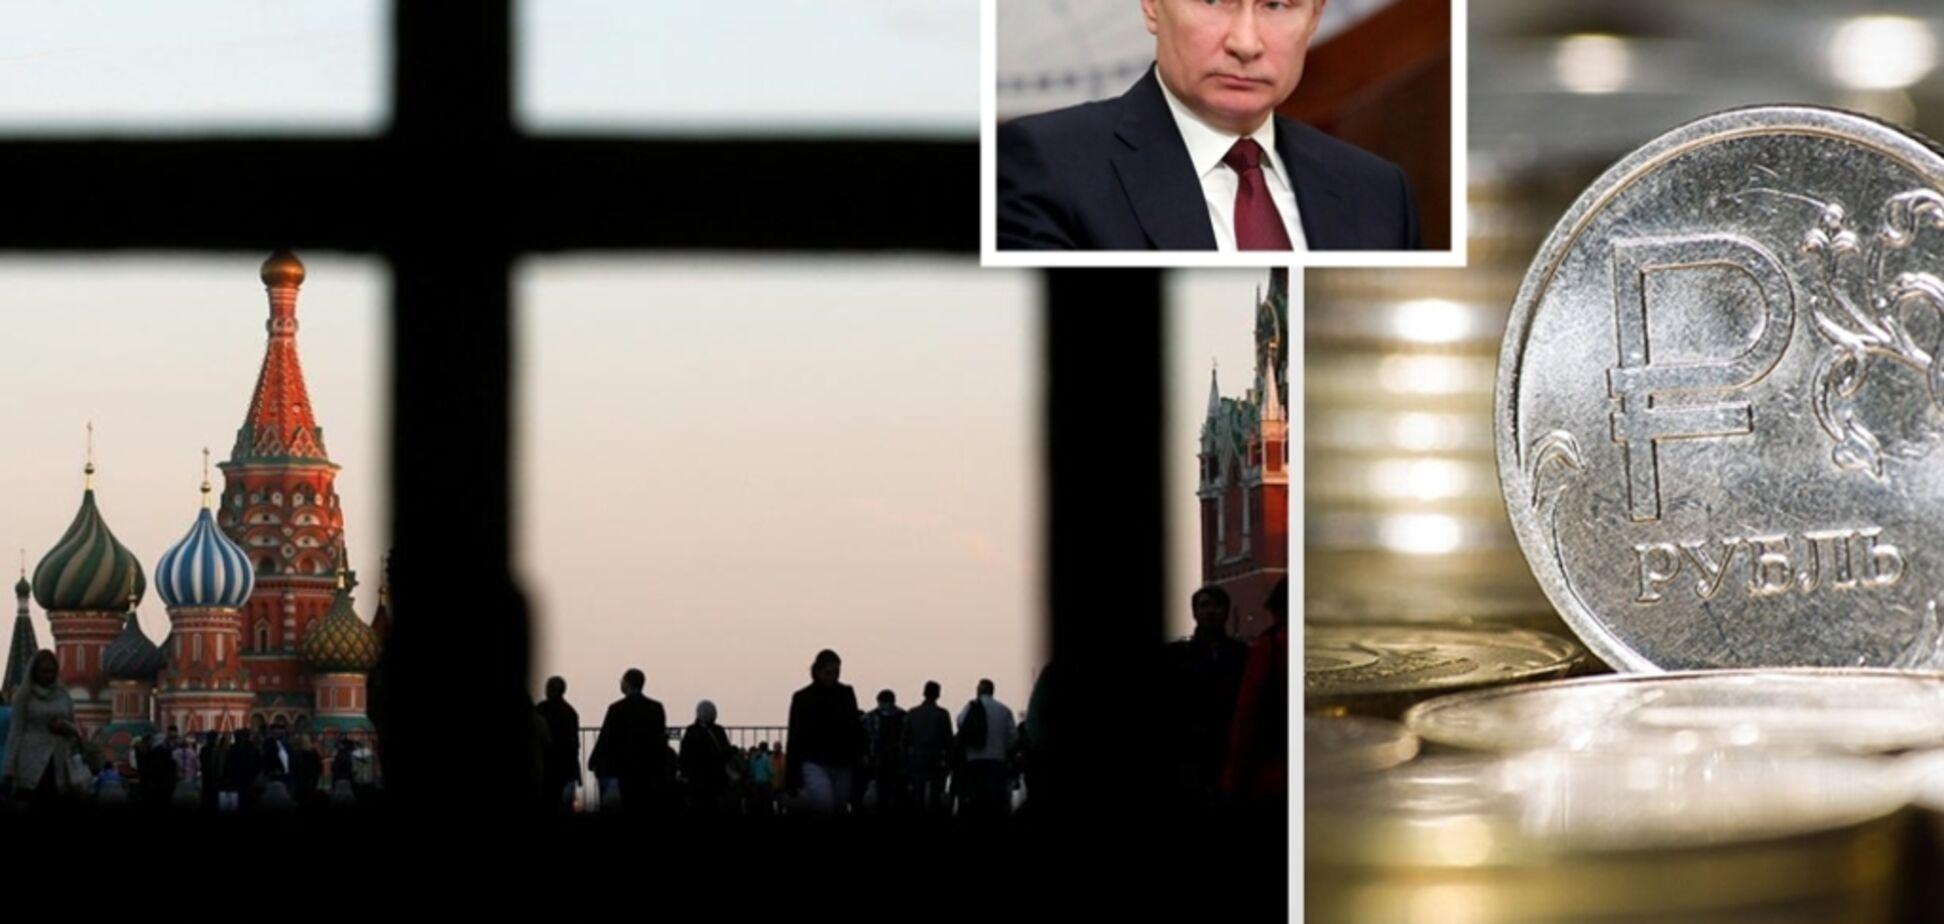 Каспаров: агония кремлевской власти будет страшной и кровавой. Процесс пошел